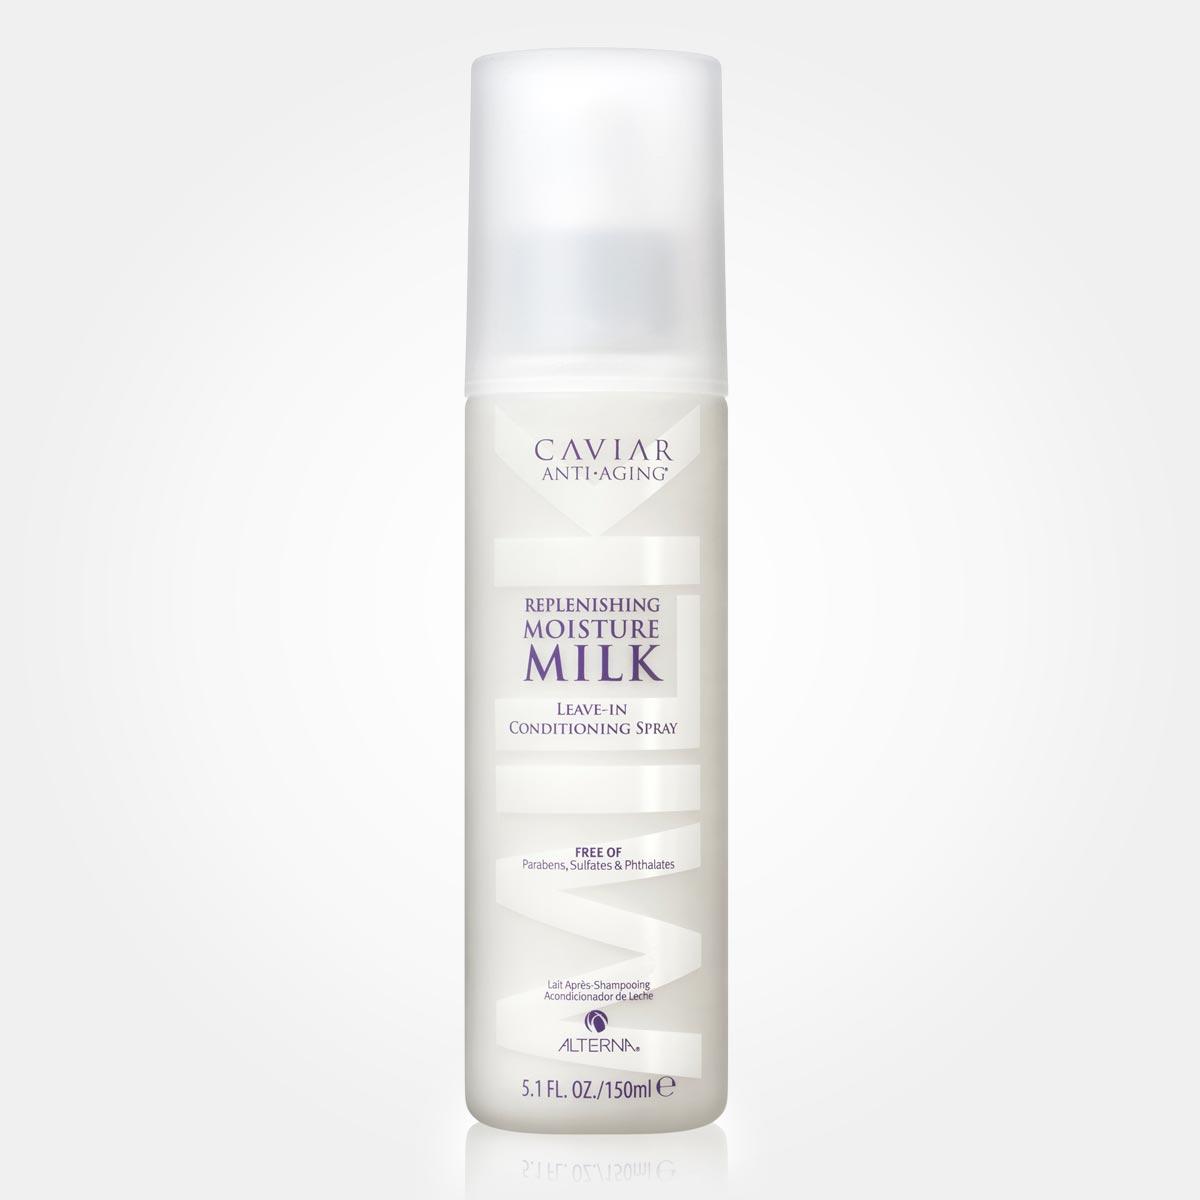 Tip na třepící se a suché vlasy: Caviar Replenishing Moisture Milk.